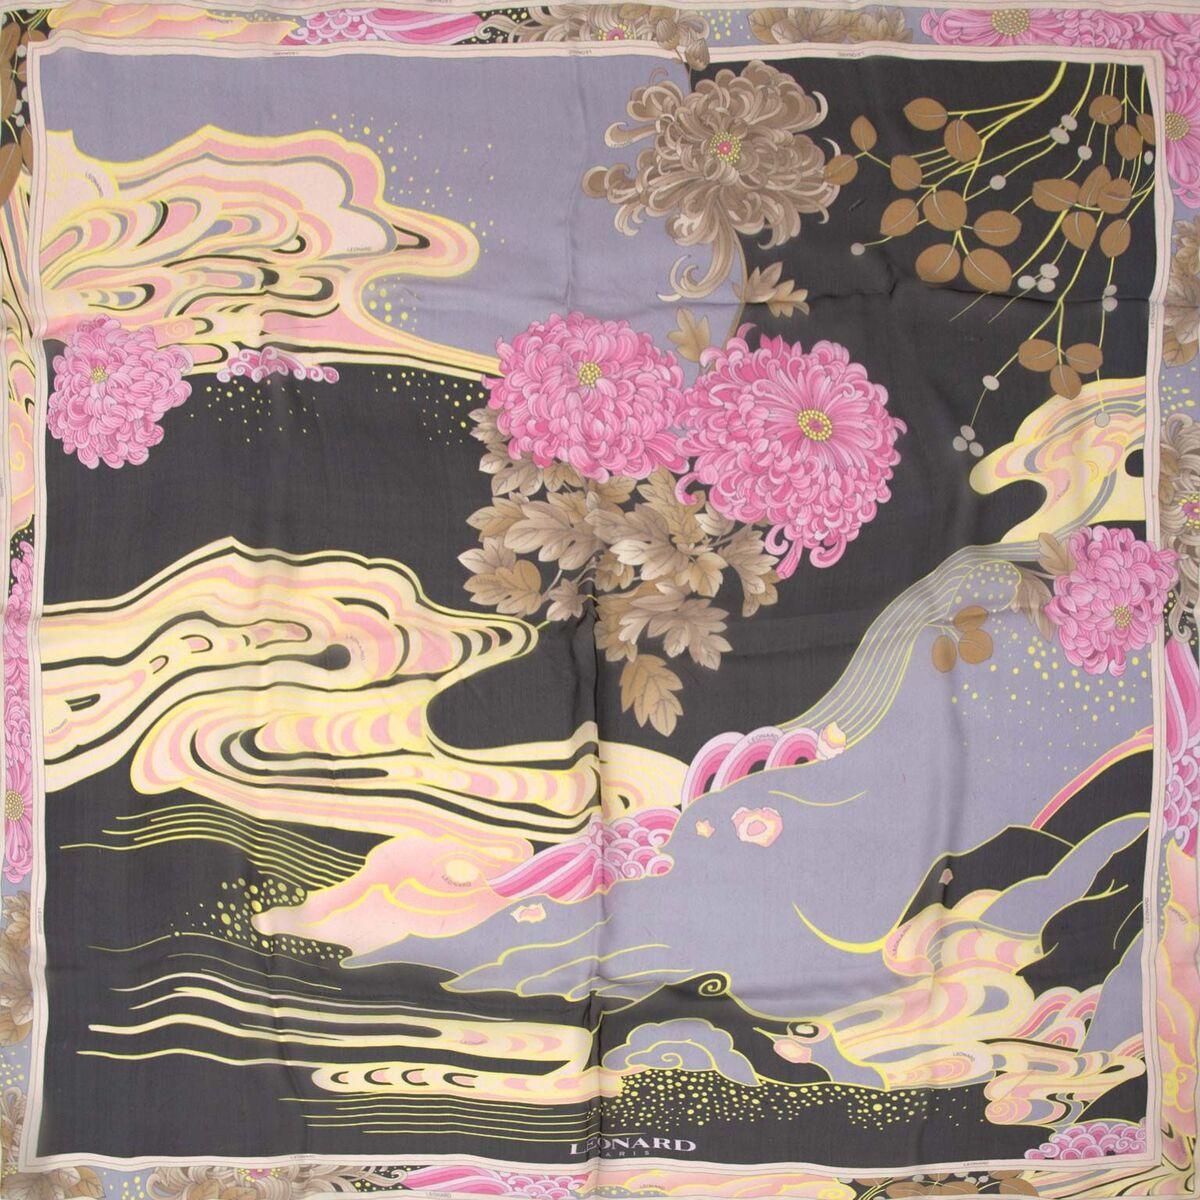 Koop authentieke tweedehands Leonard sjaal in pink floral aan een eerlijke prijs bij LabelLOV. Veilig online shoppen. Luxe merken aan een goede prijs.